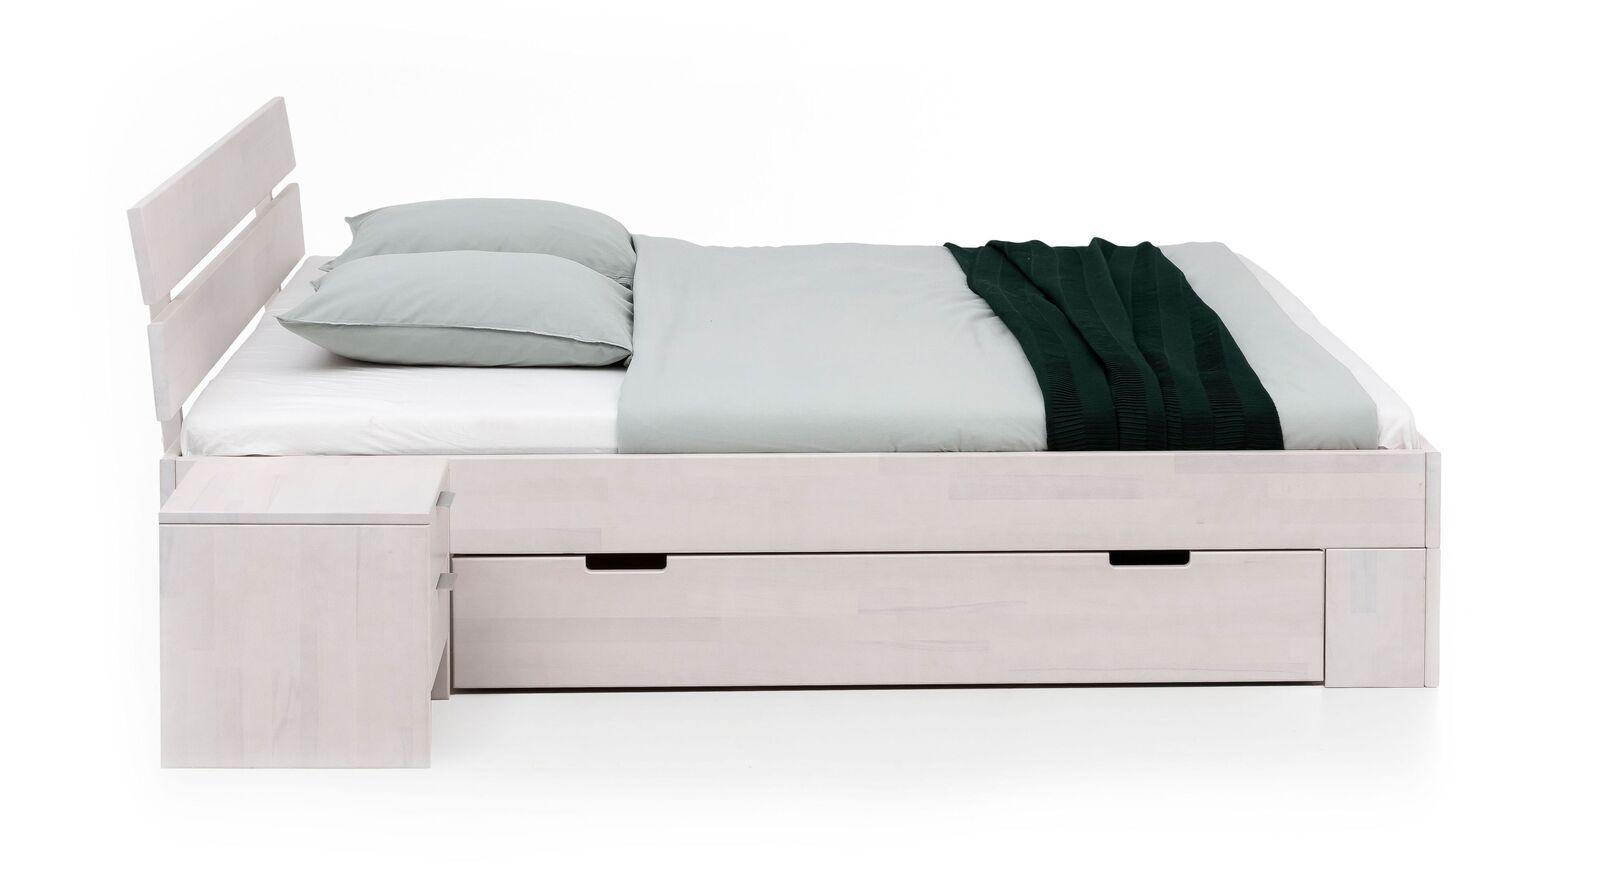 Hochwertiges Bett Valor mit leichtgängigen Schubkästen